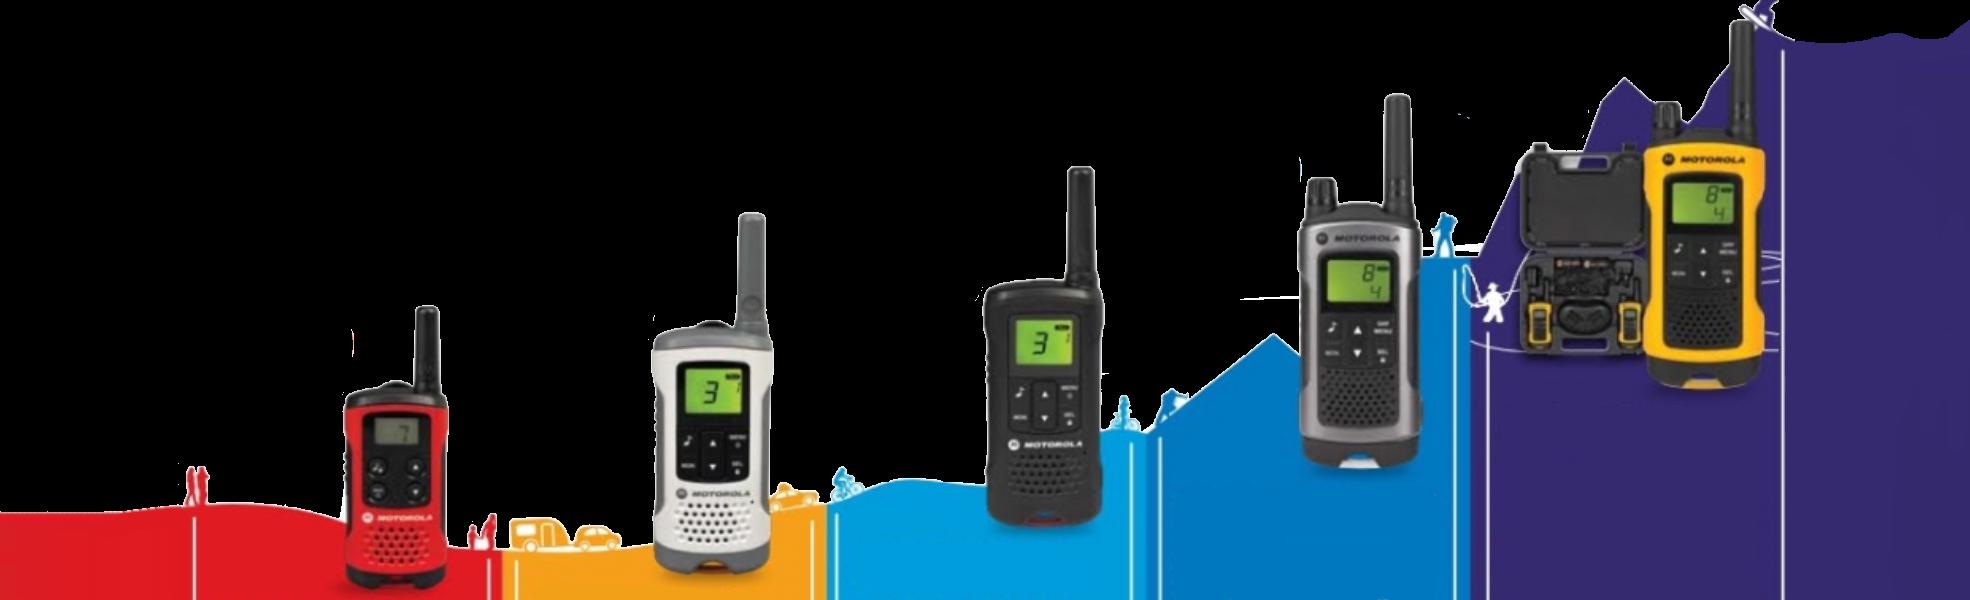 Kies de juiste walkietalkie